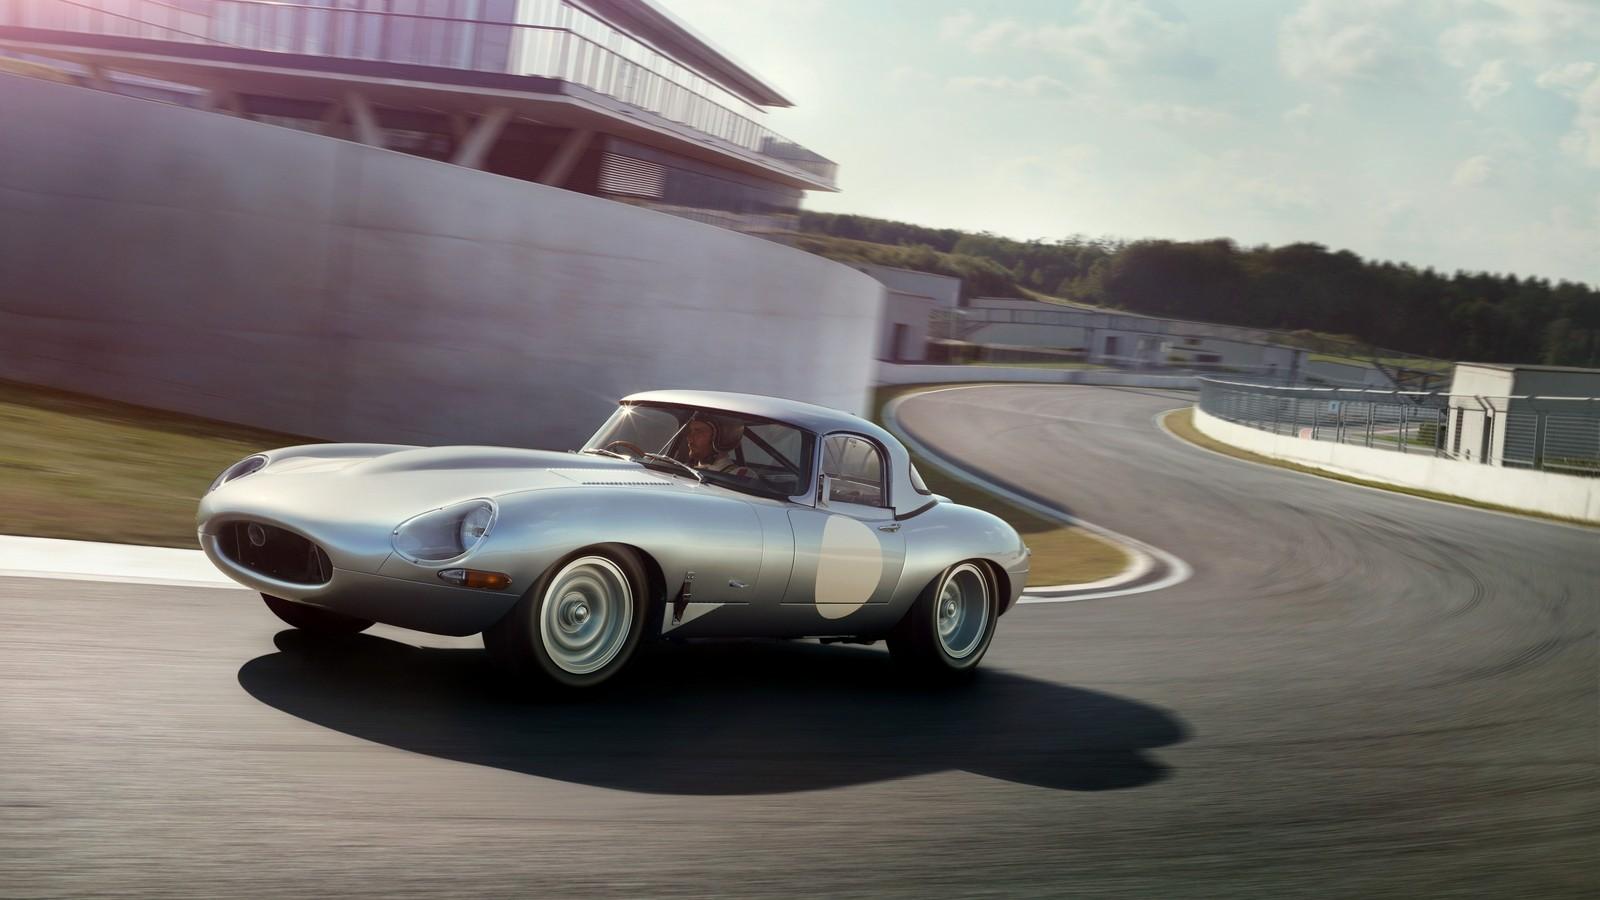 На фото: Jaguar E-Type Lightweight Roadster (Series I) '1963